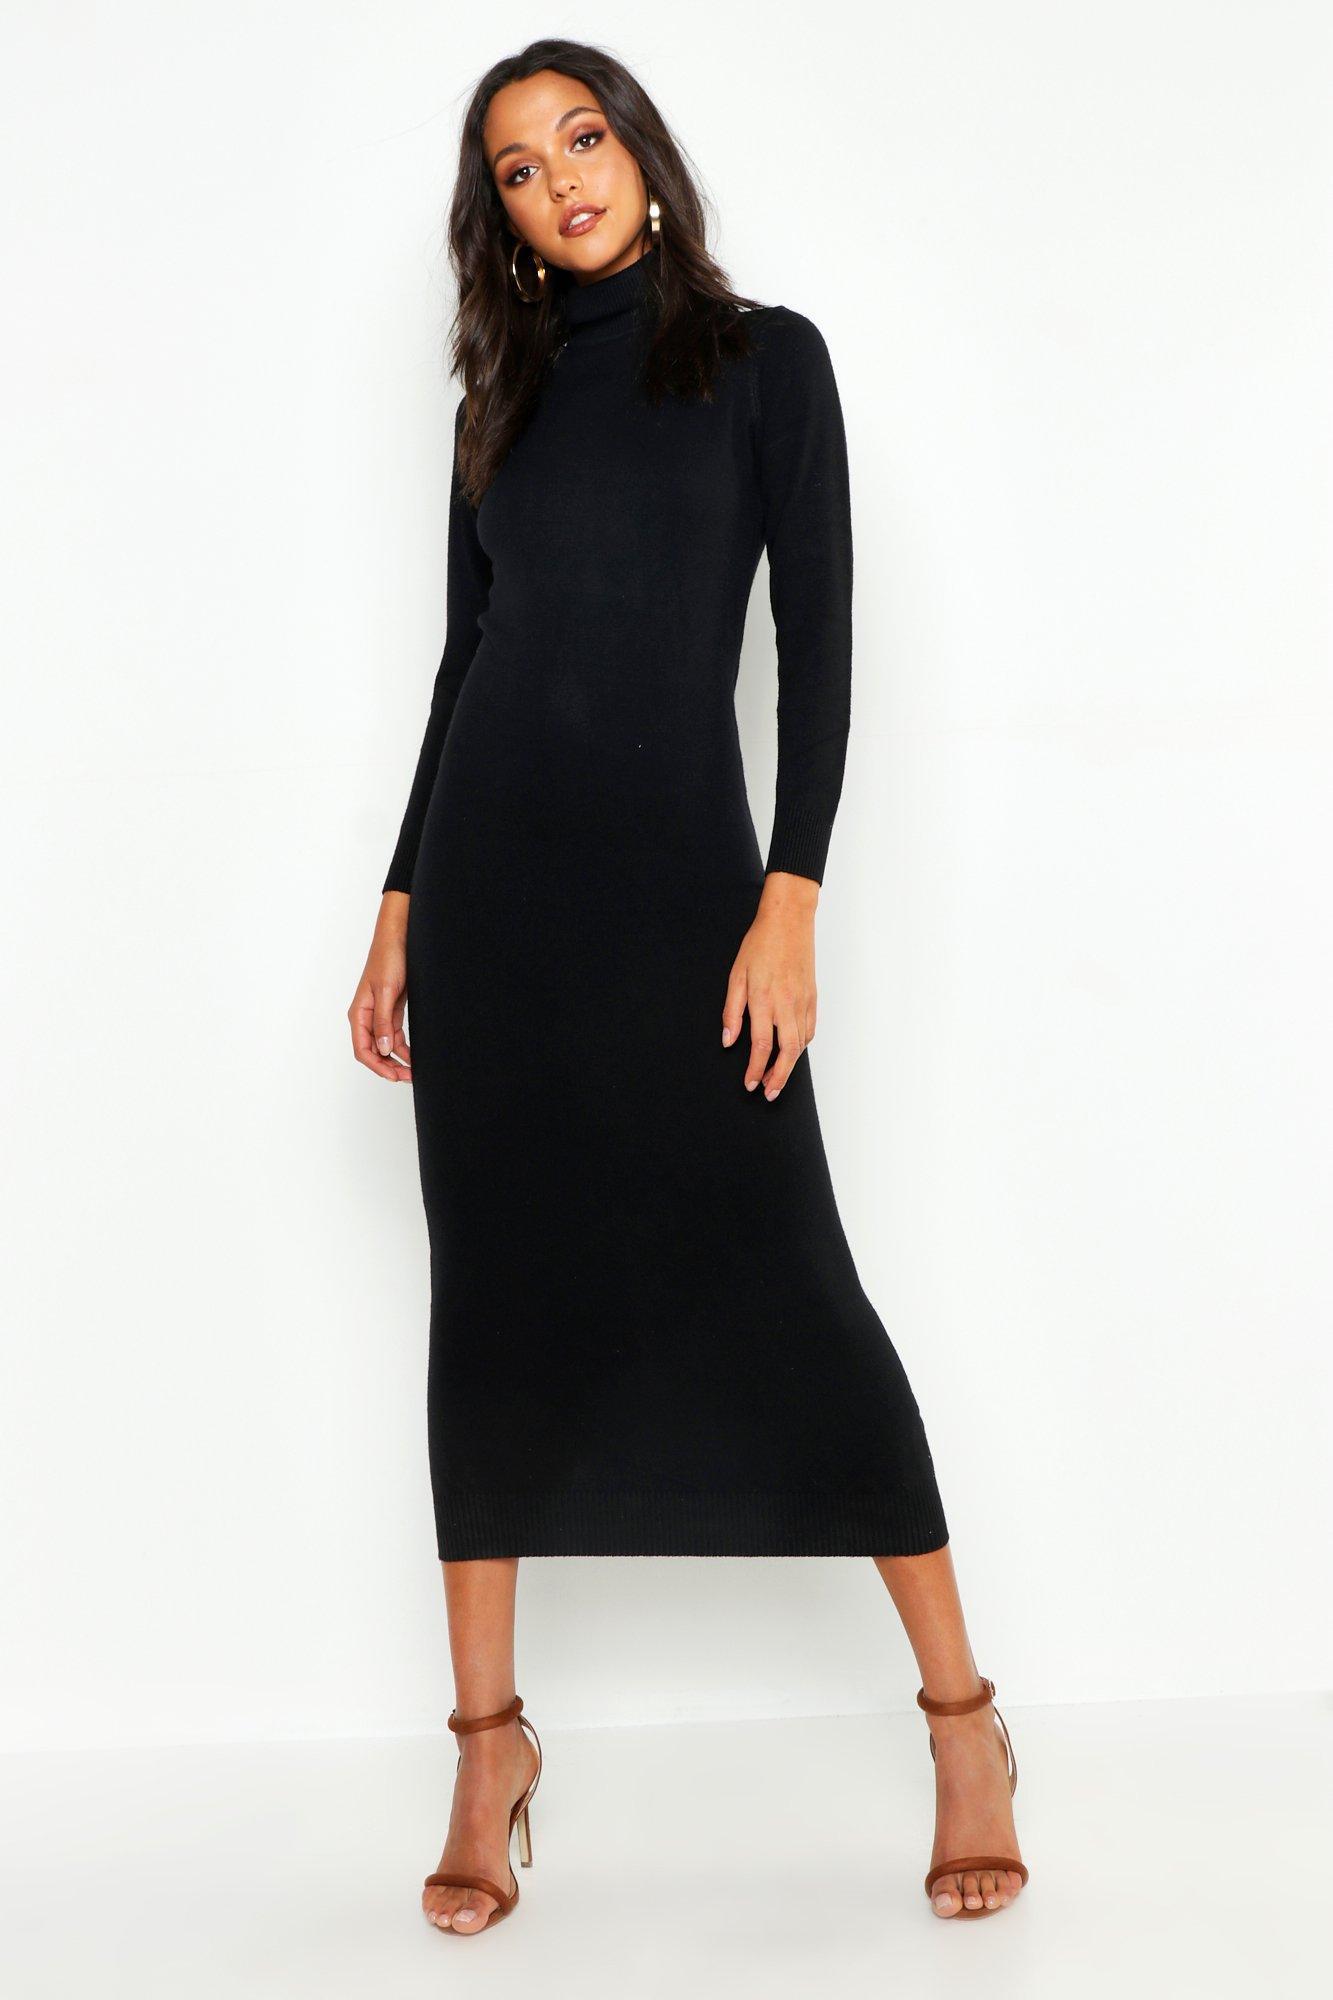 7c77d3045d Lyst - Boohoo Tall Soft Knit Roll Neck Jumper Dress in Black